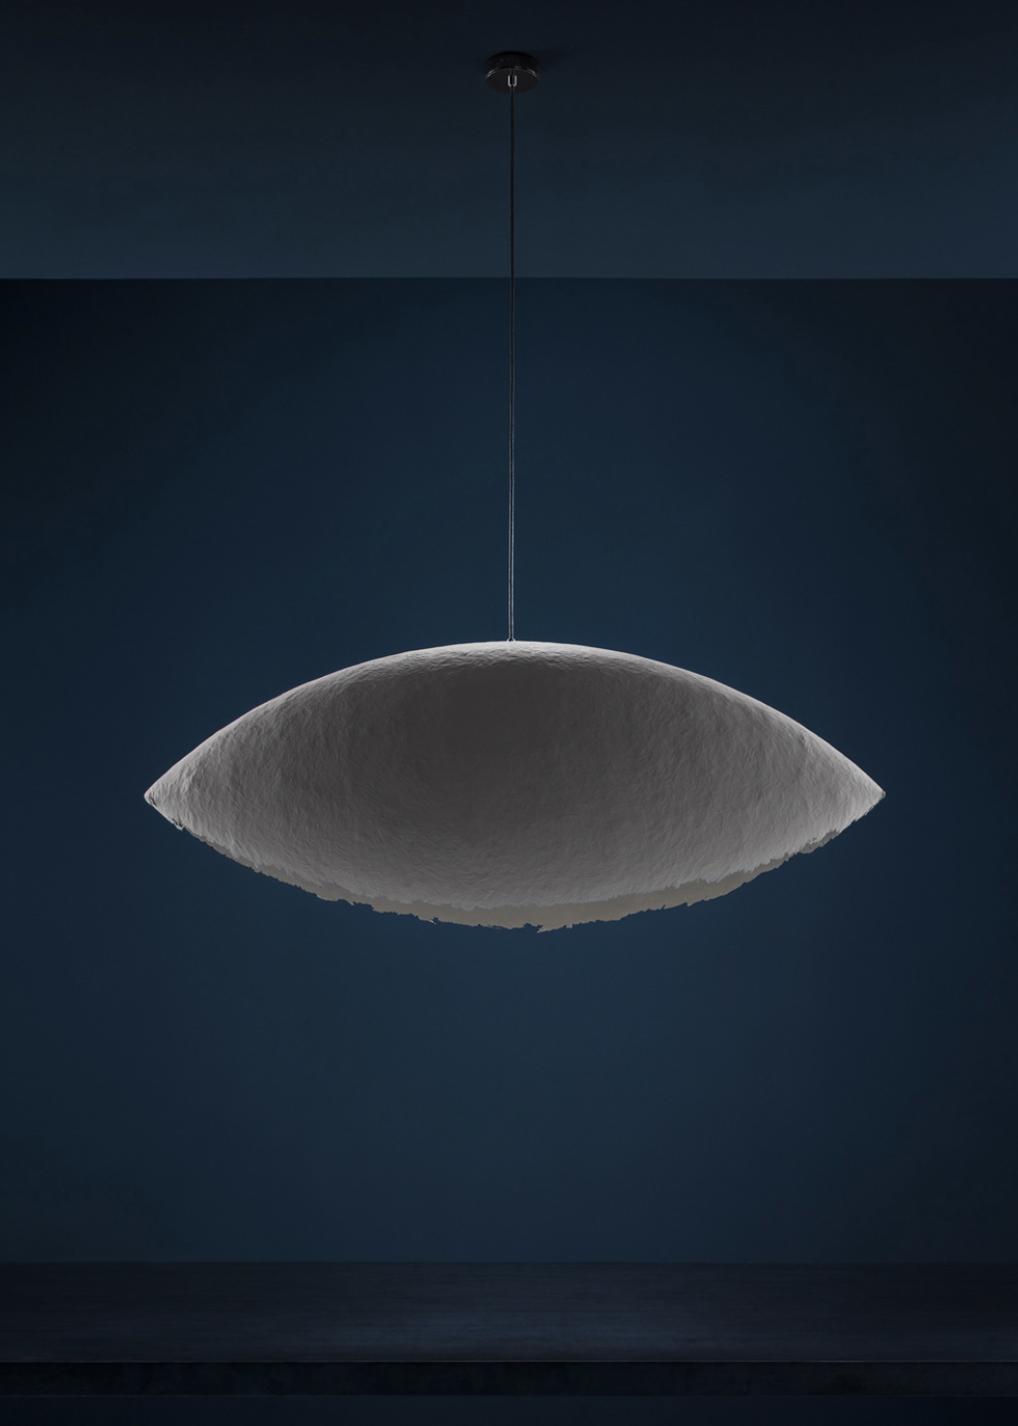 PostKrisi 50 / 51 / 52 Pendant Lamp